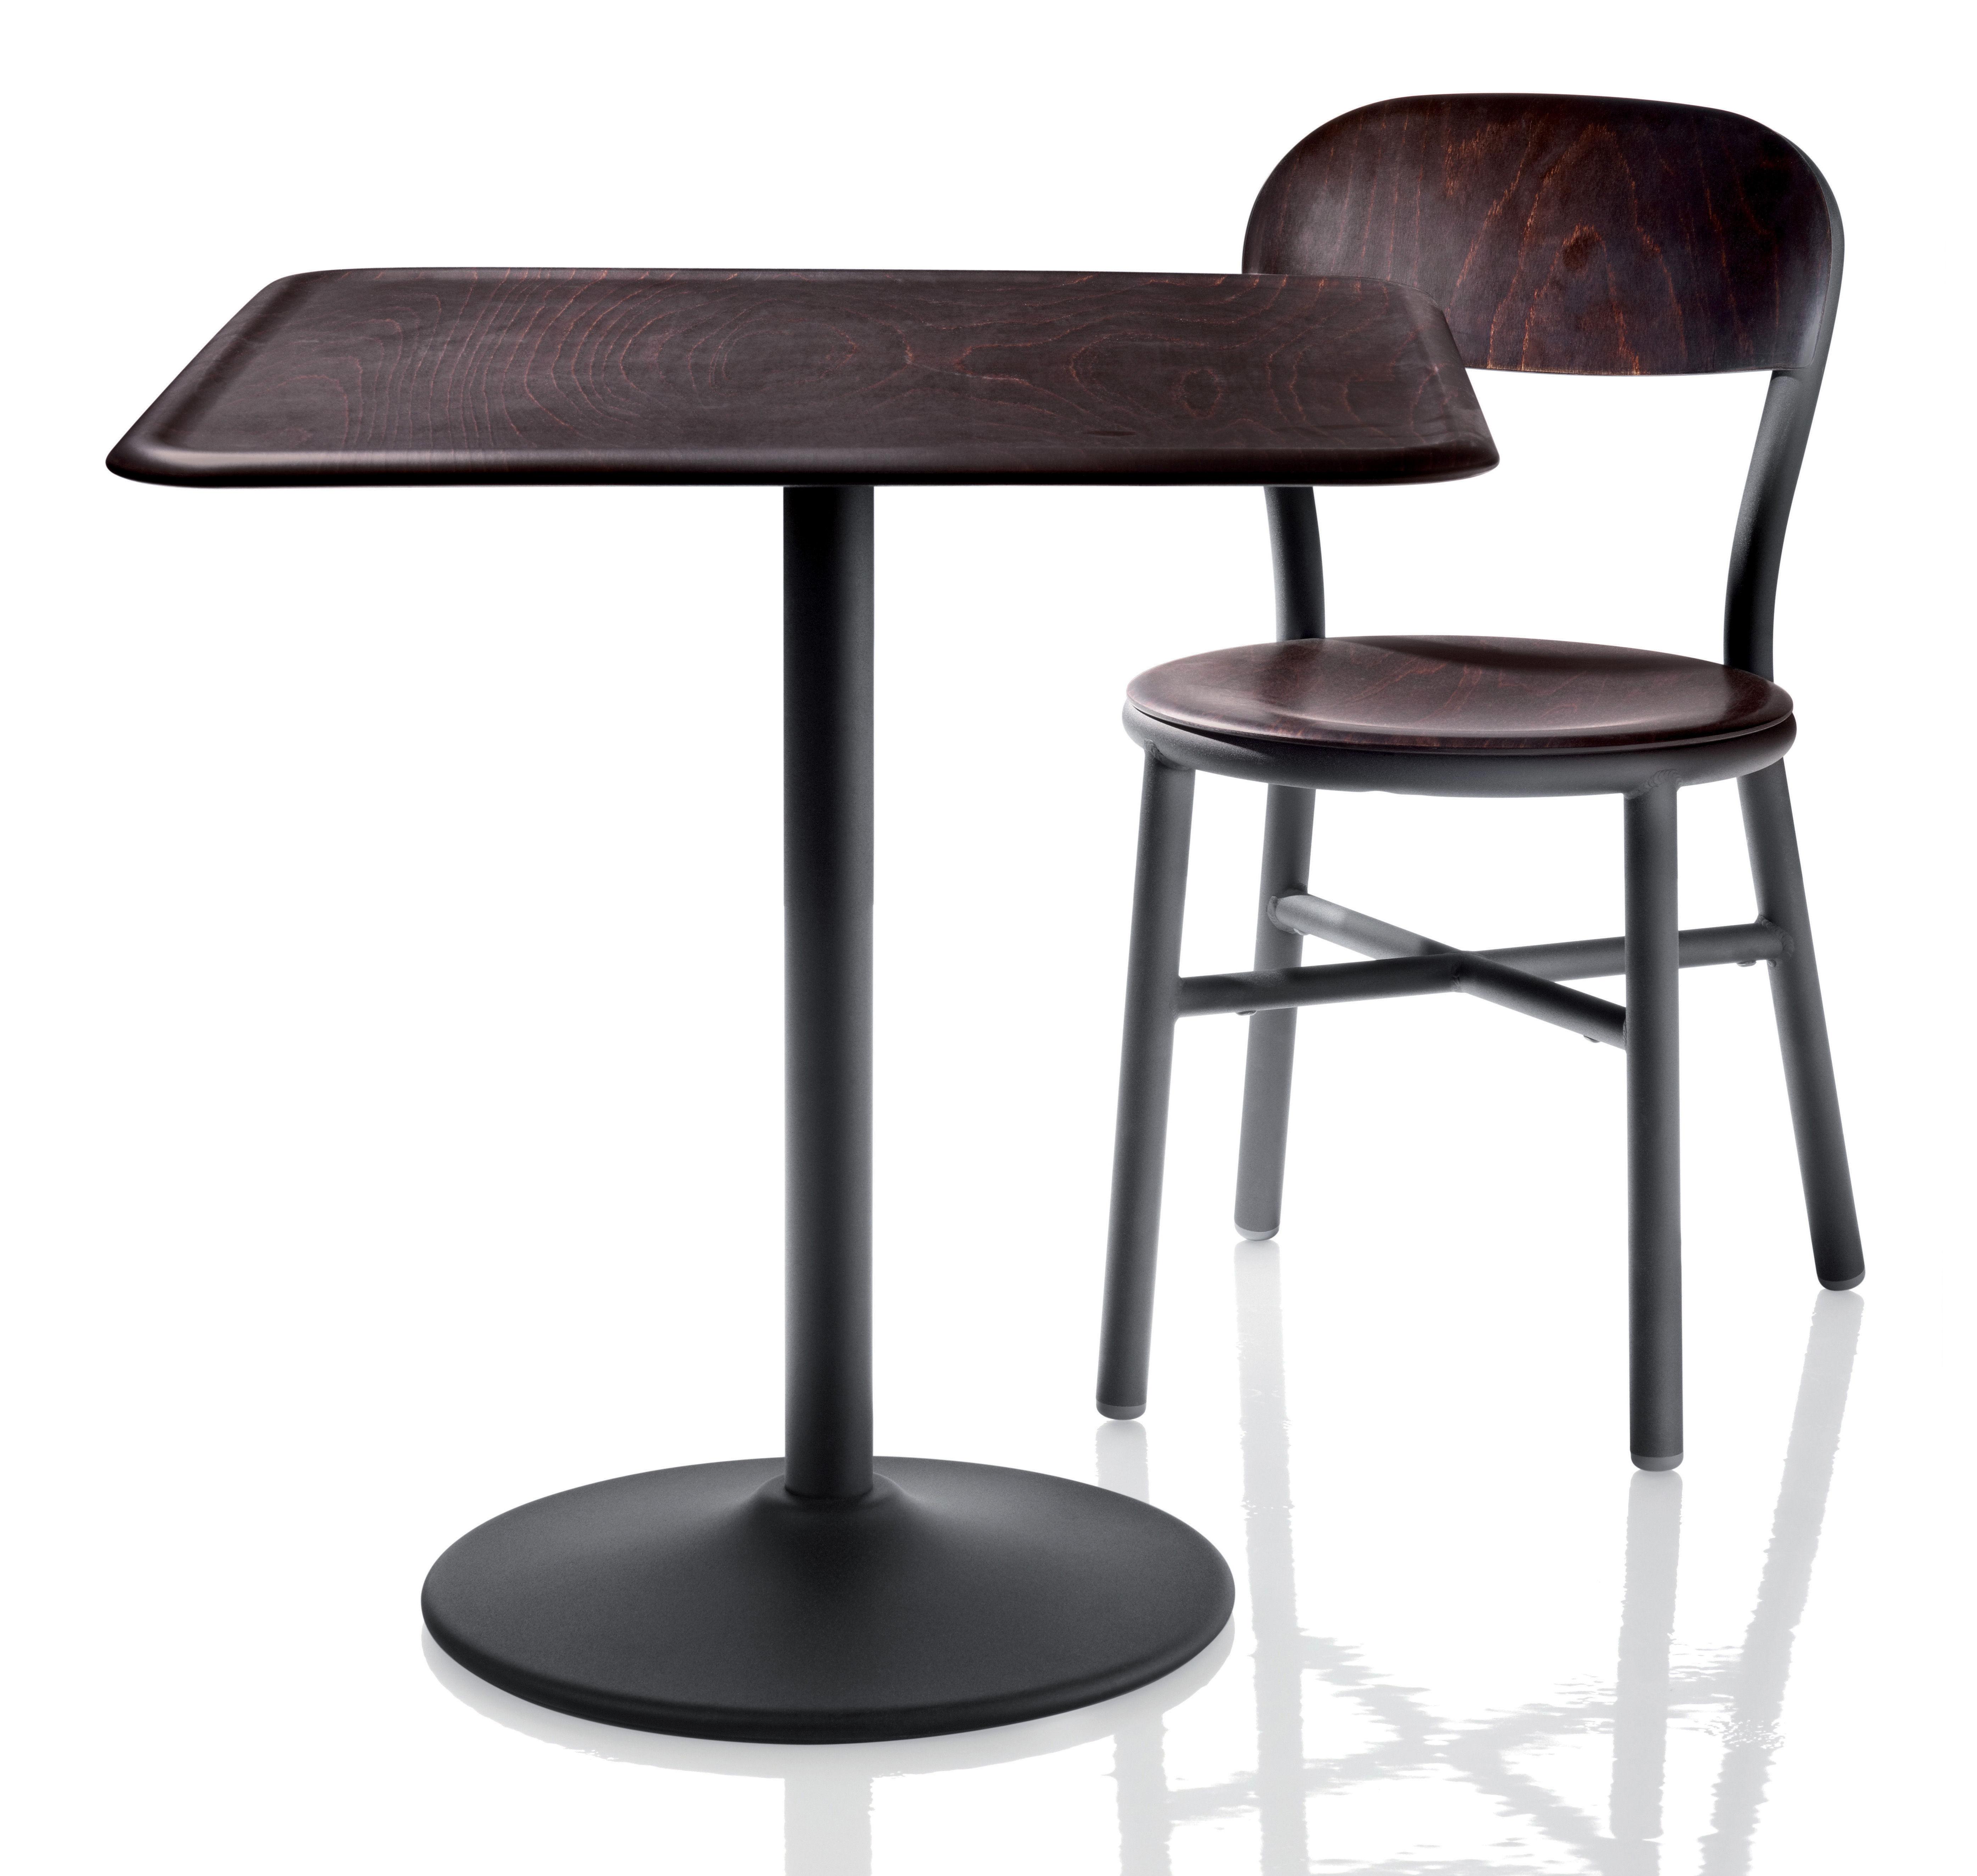 chaise empilable pipe bois m tal noir h tre fonc magis. Black Bedroom Furniture Sets. Home Design Ideas